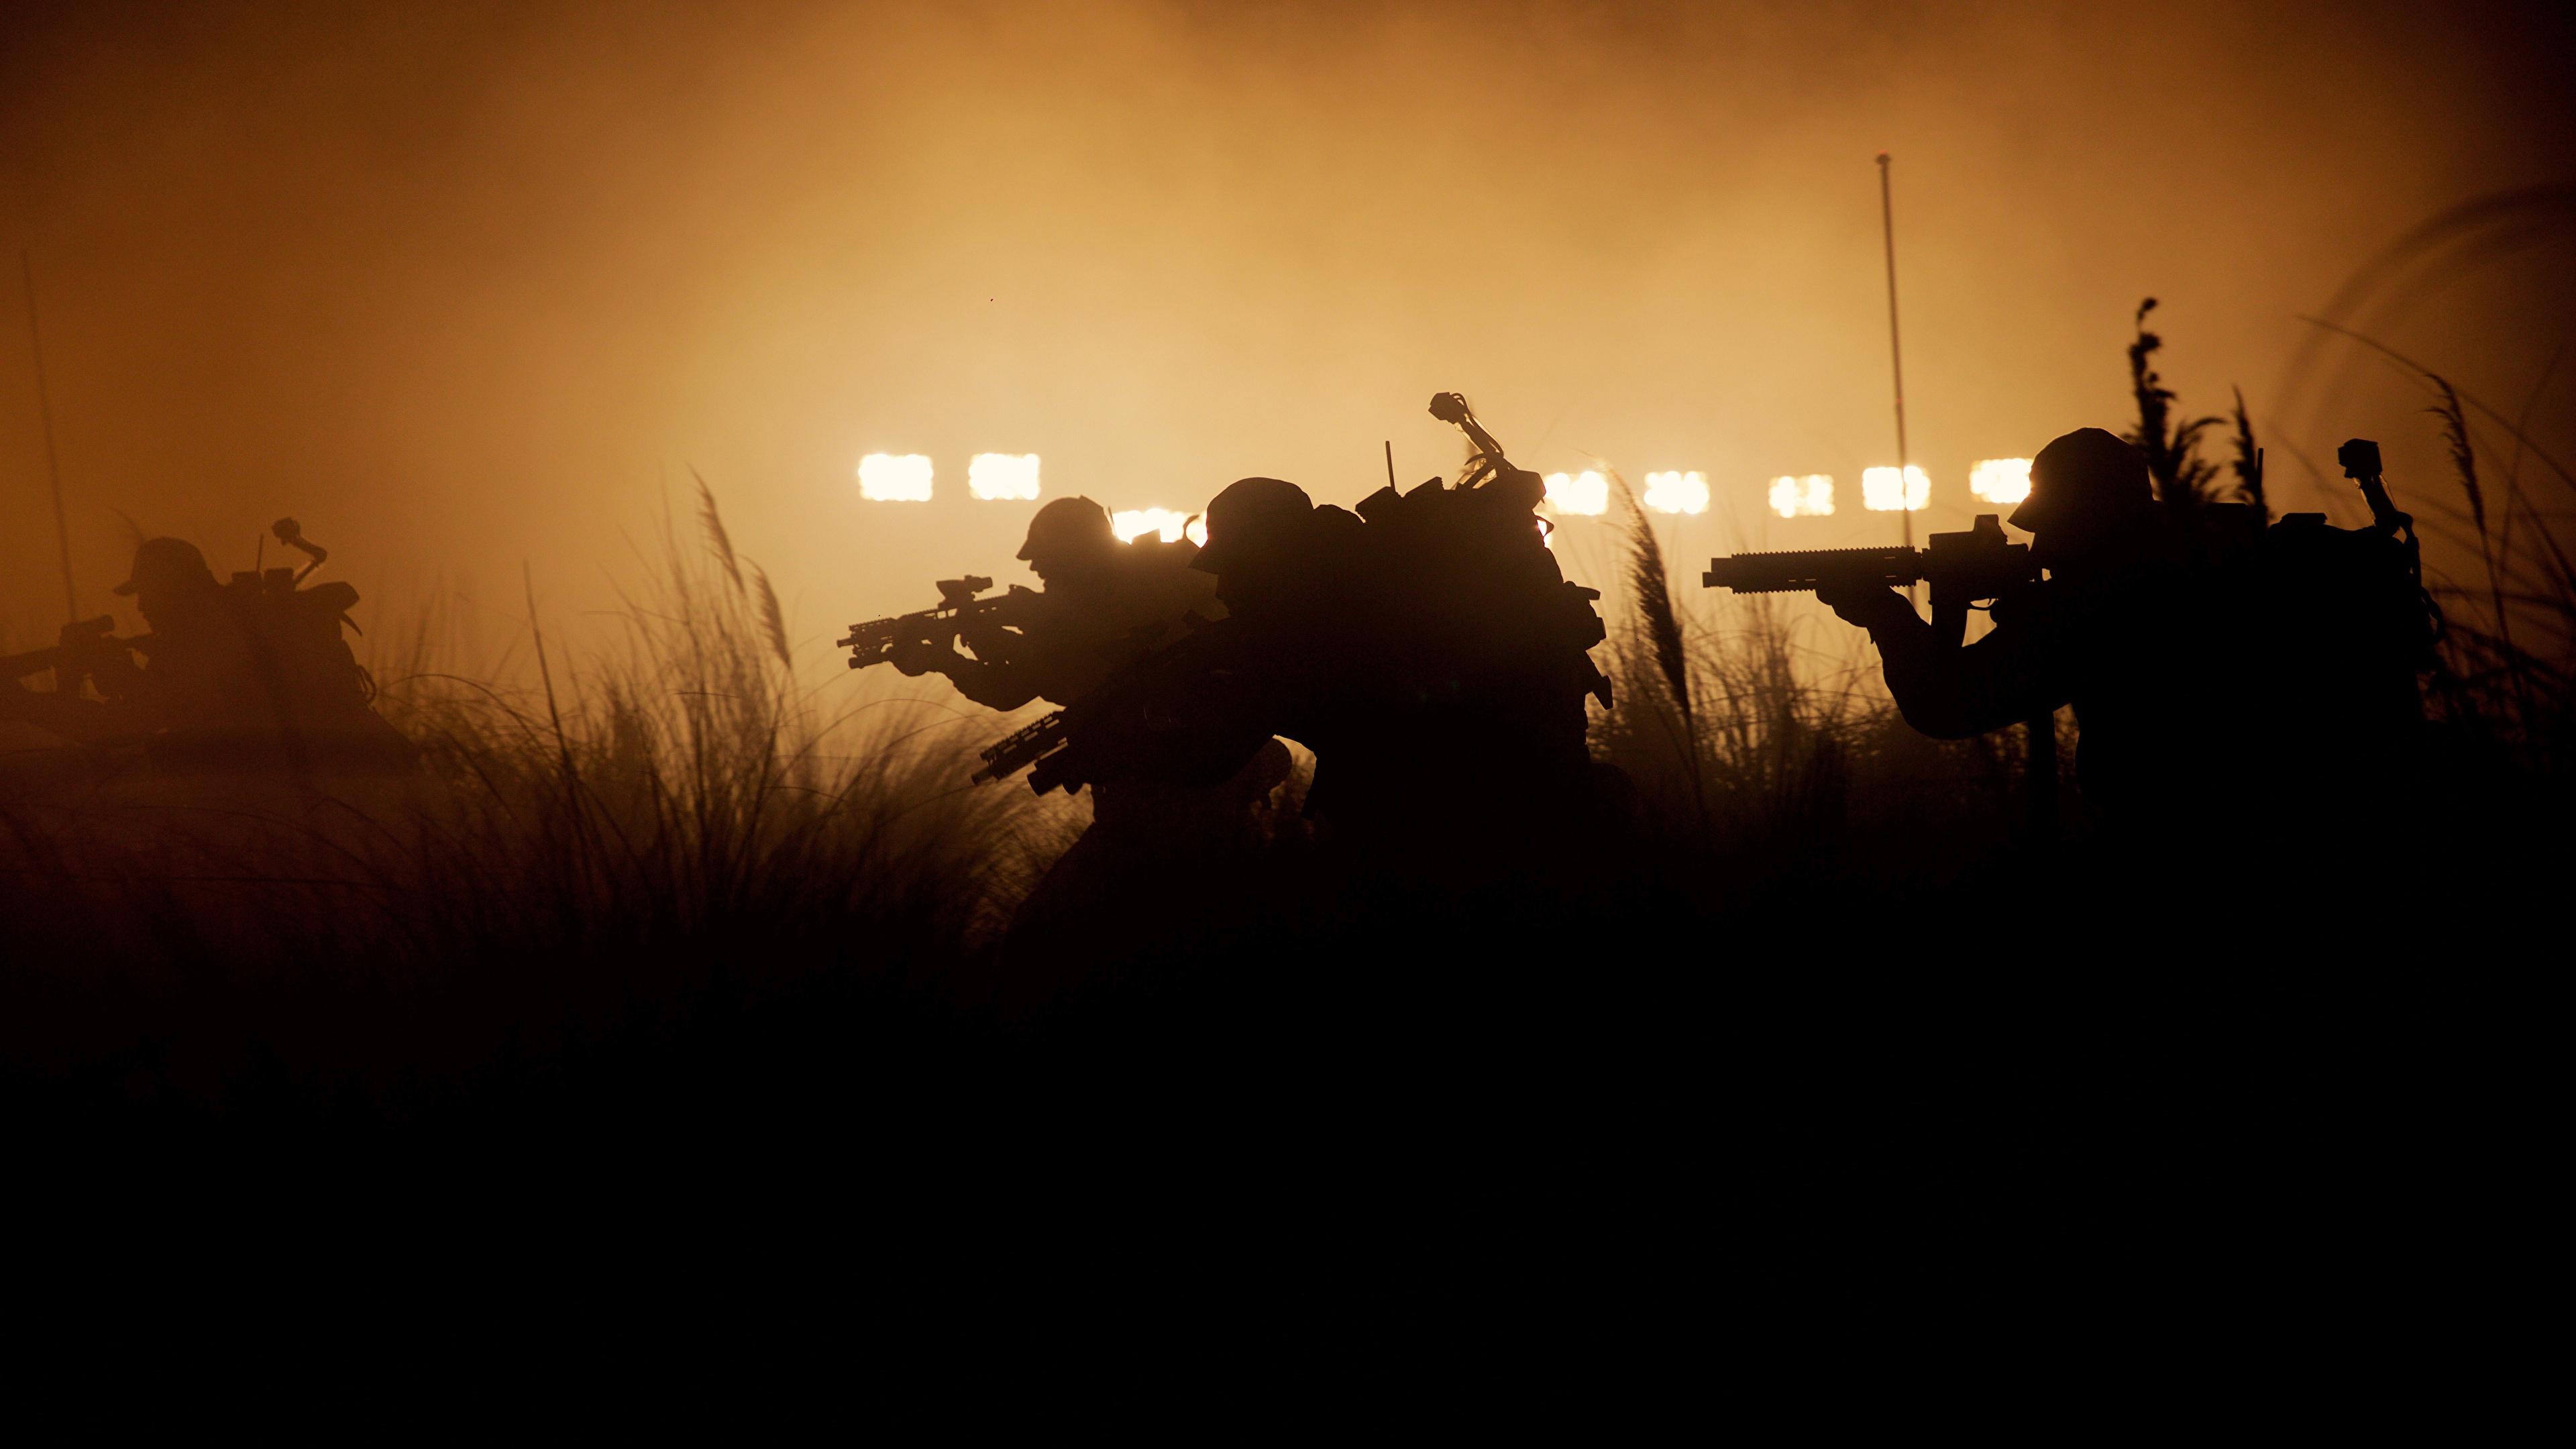 Фотография Чужой: Завет Воители Автоматы силуэты Фильмы 3840x2160 воин воины автомат автоматом Силуэт силуэта кино